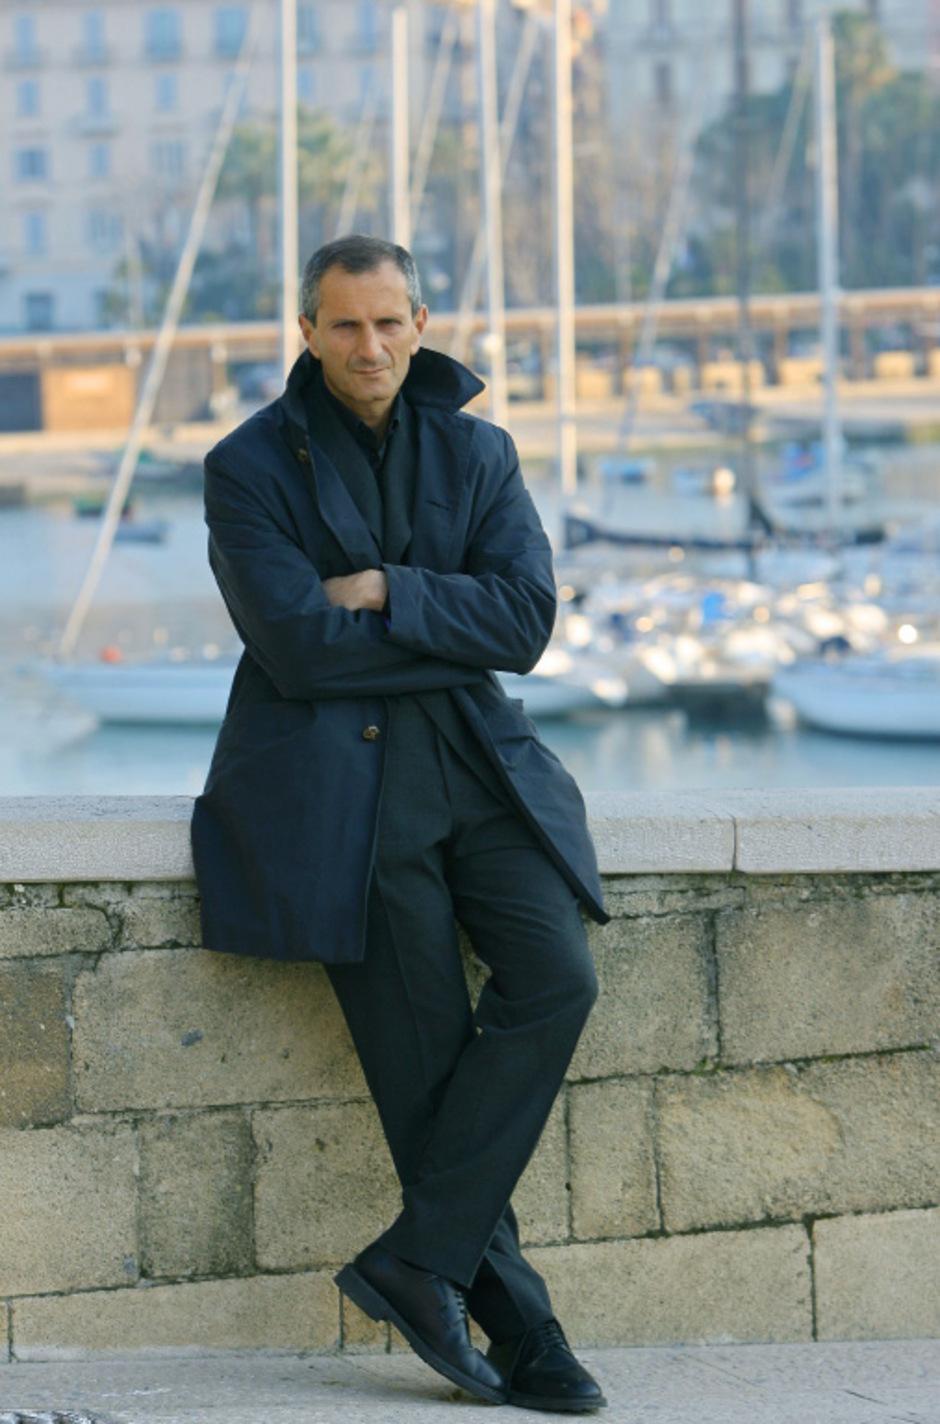 """Gianrico Carofiglio war Anti-Mafia-Staatsanwalt, saß im Parlament und schreibt Bestseller. <span class=""""TT11_Fotohinweis"""">Foto: AFP/Monteforte</span>"""